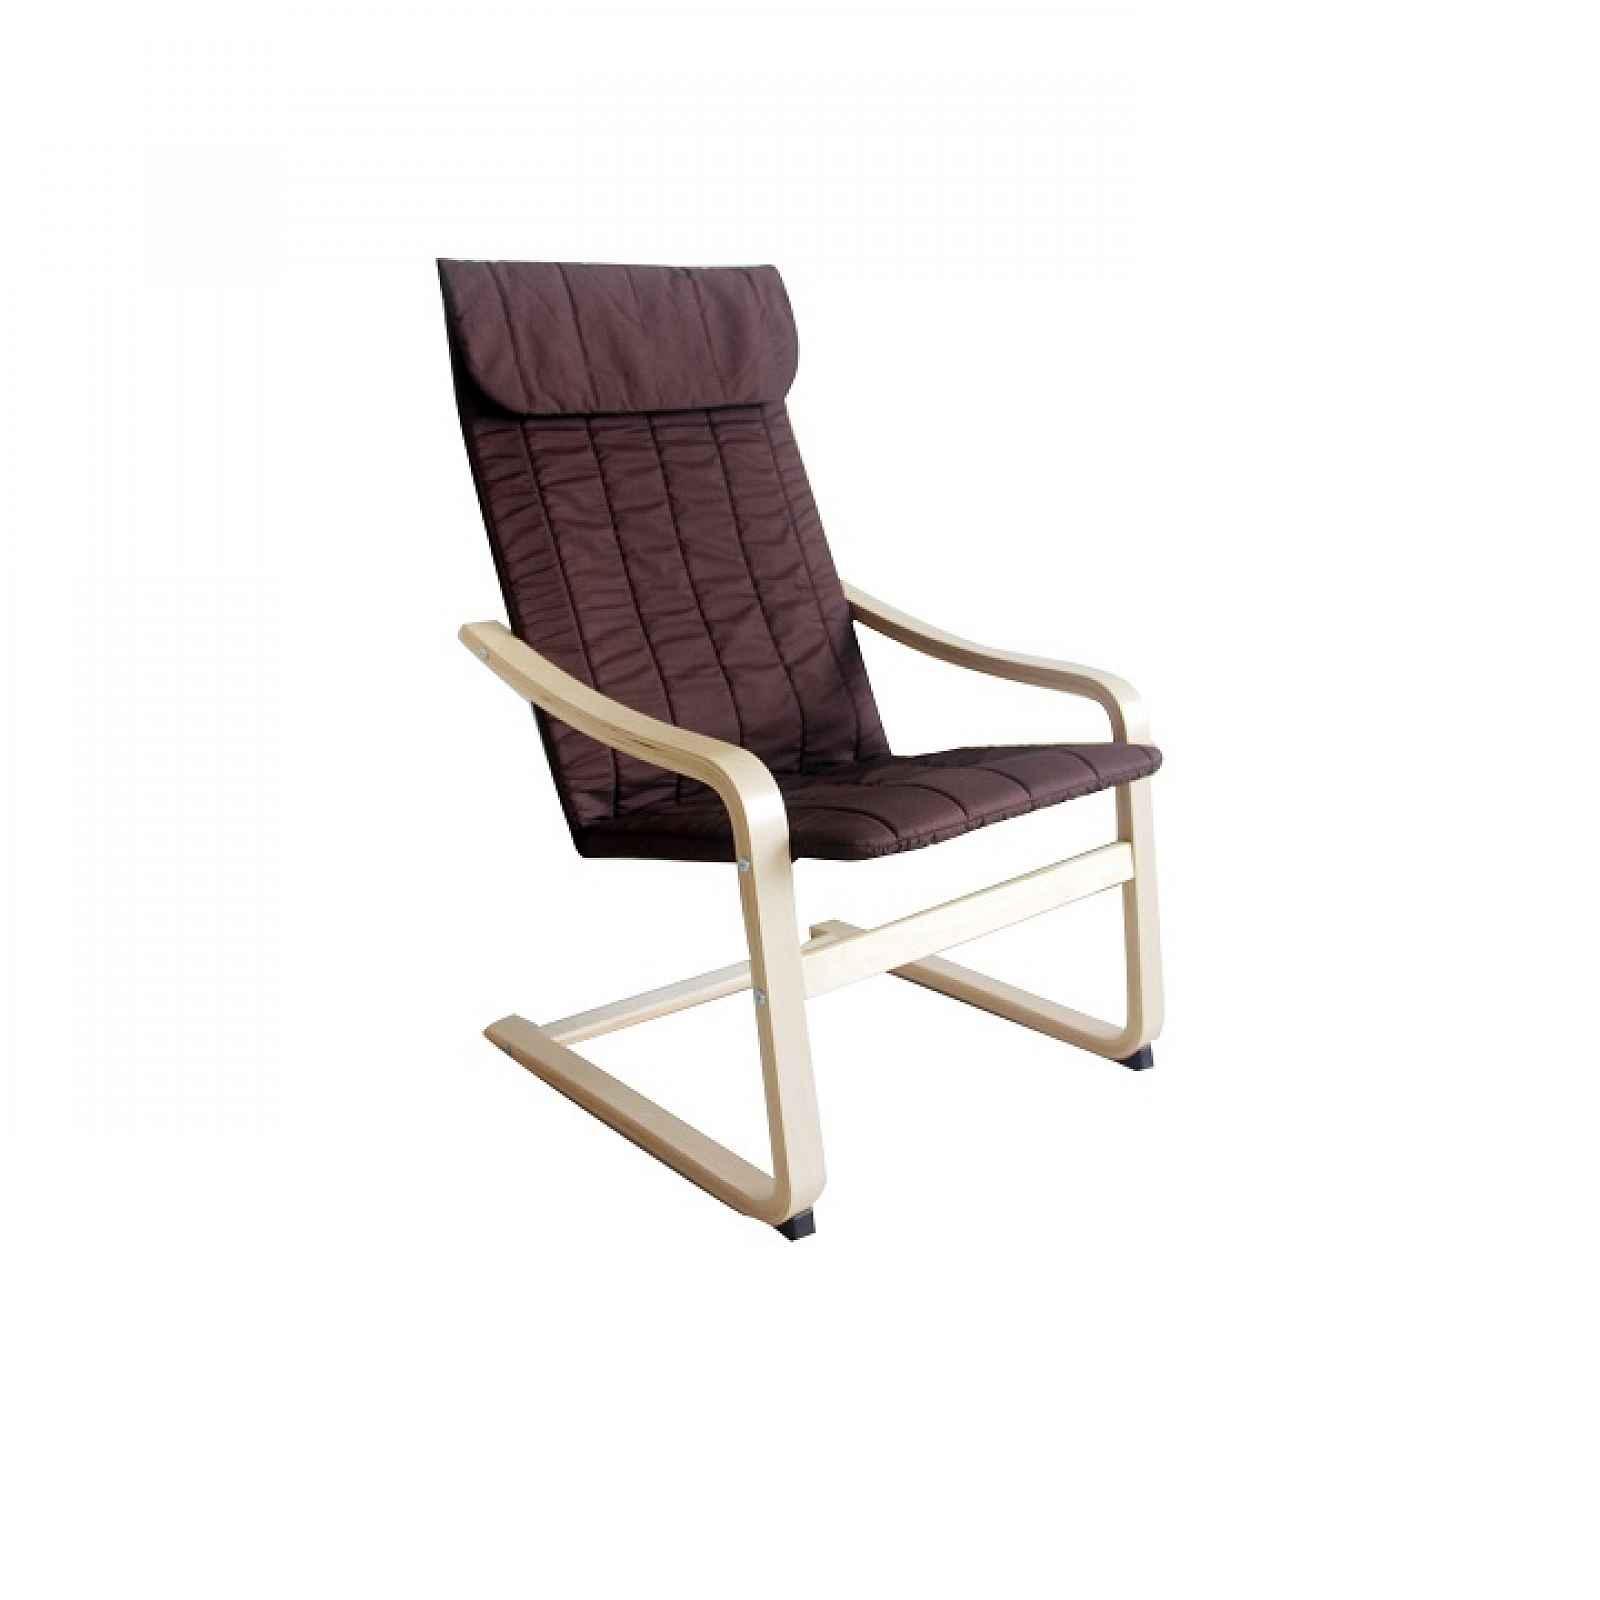 Relaxační křeslo, březové dřevo / hnědá látka, TORSTEN Tempo Kondela